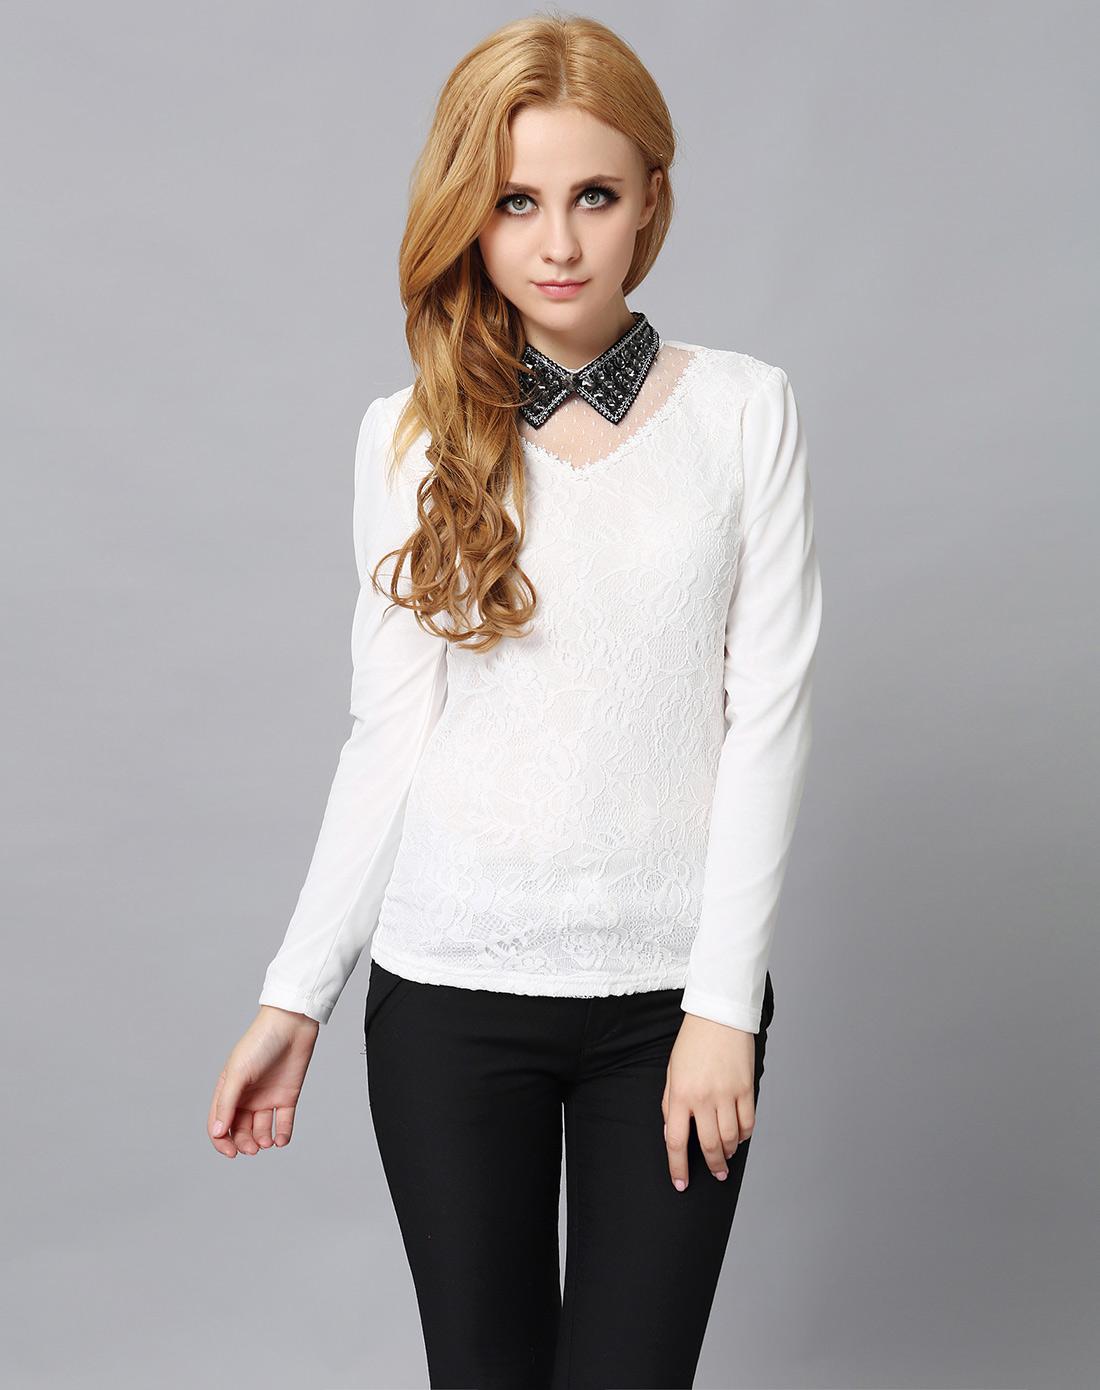 白色衬衣领烫钻蕾丝上衣